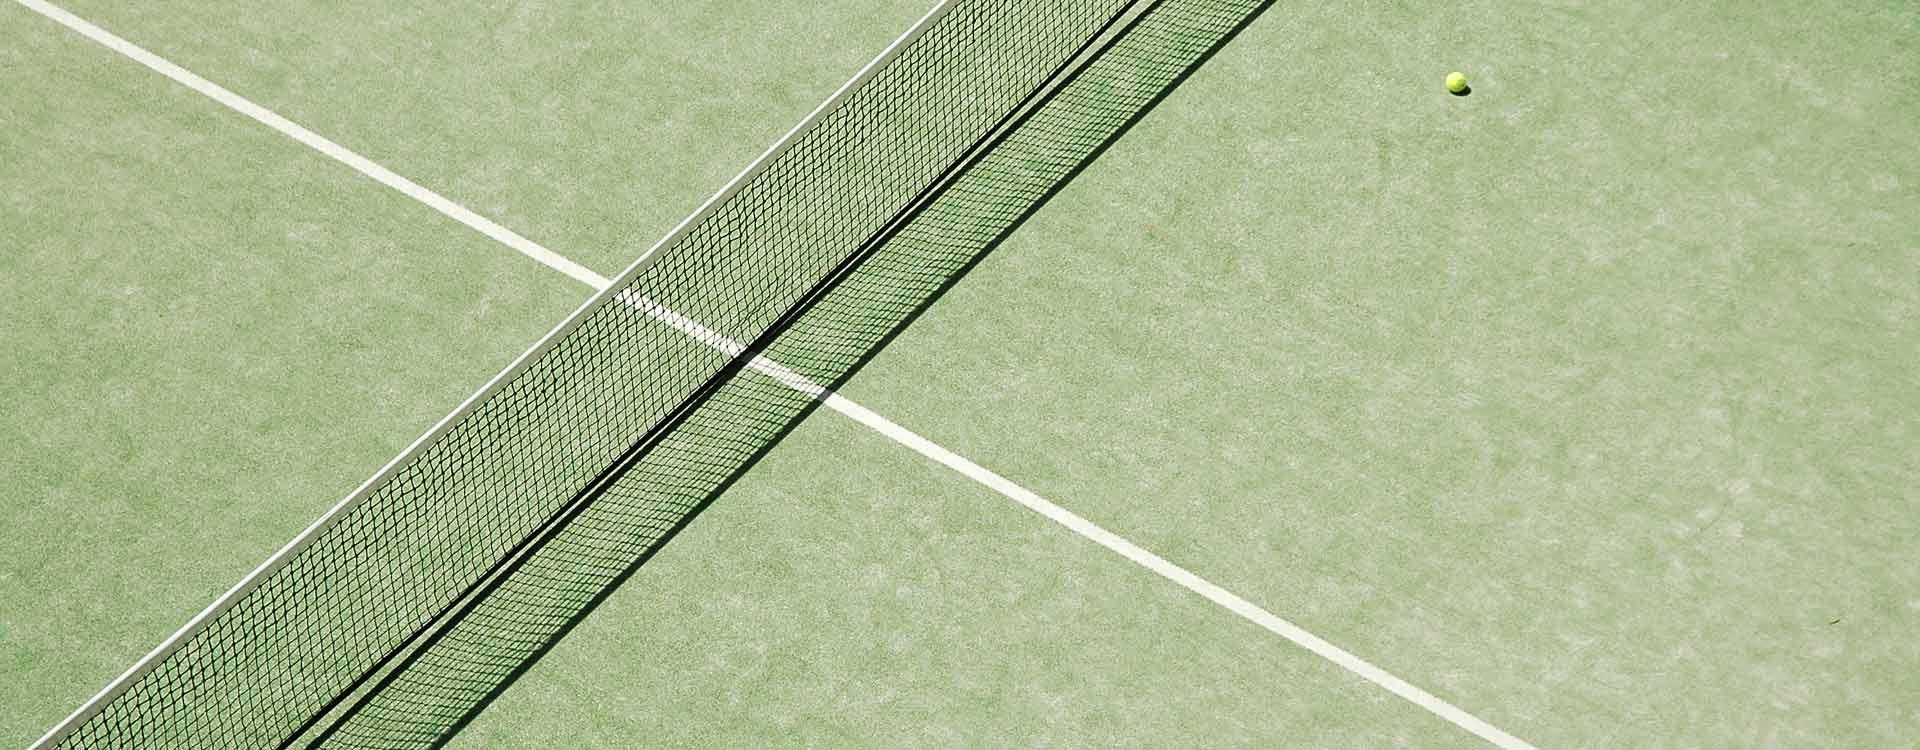 LEDSport / Oświetlenie LED dla Sportu / KORTY TENISOWE